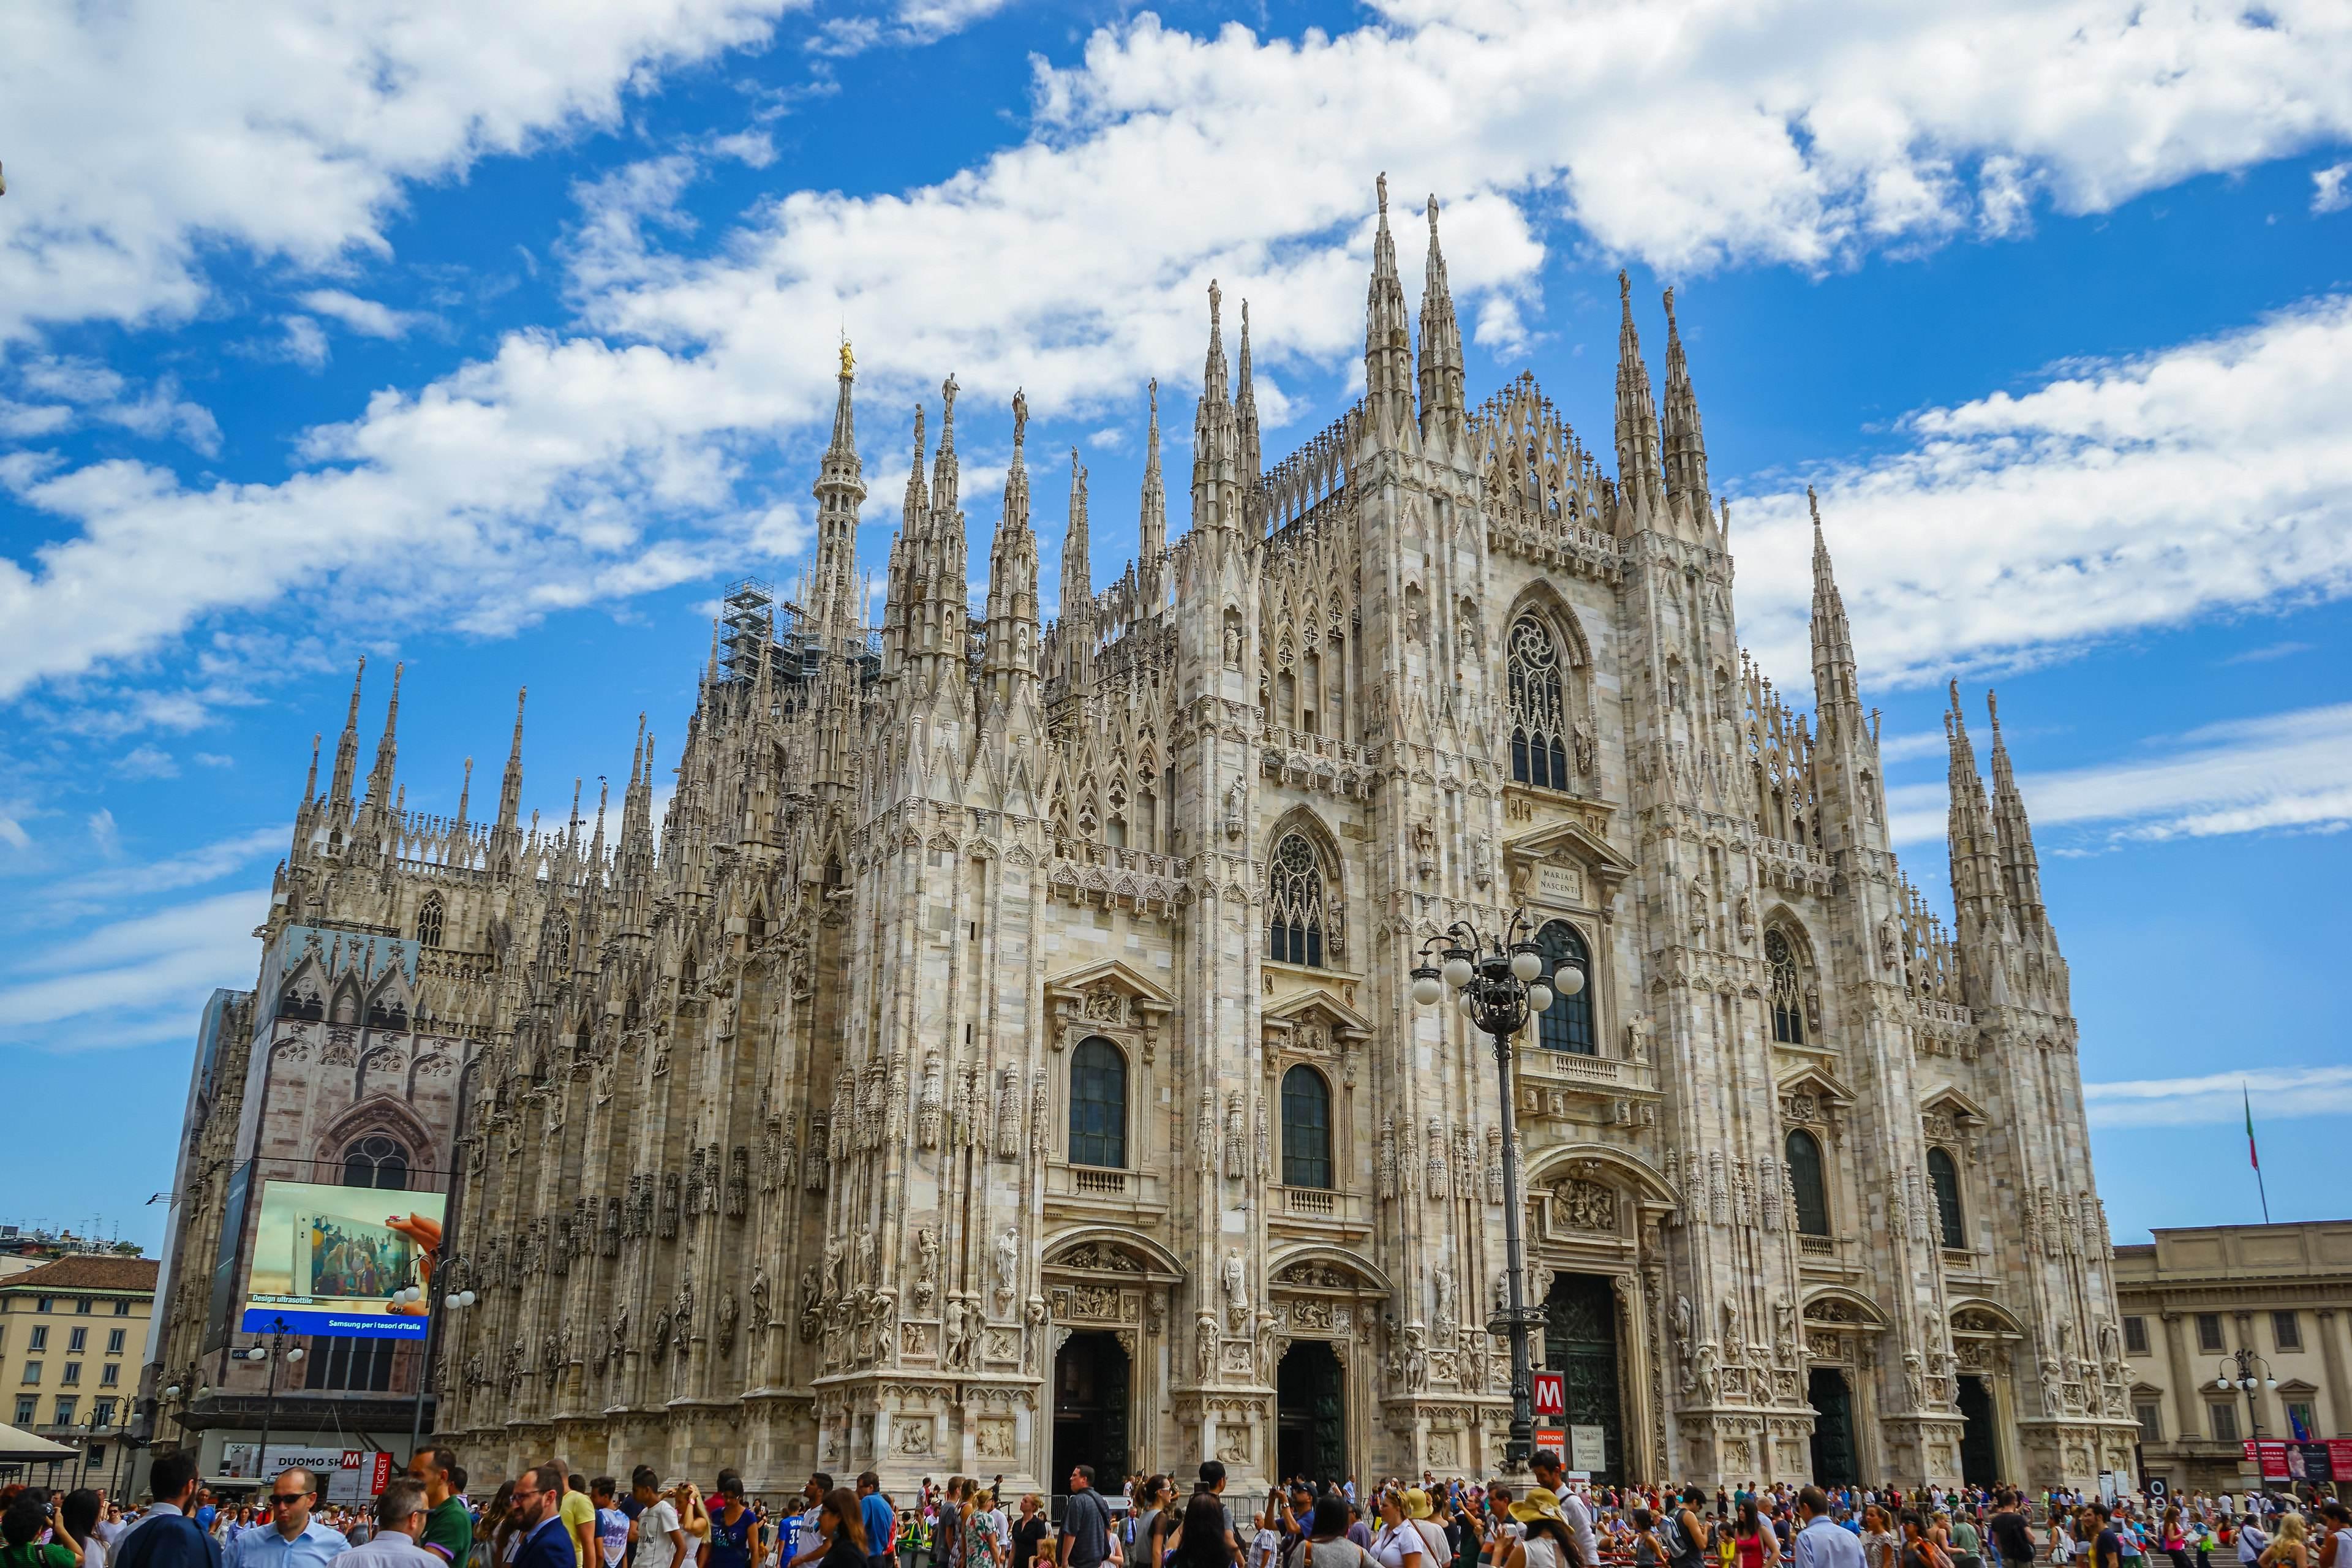 意大利全国总人口多少人_2021欧洲杯意大利图片